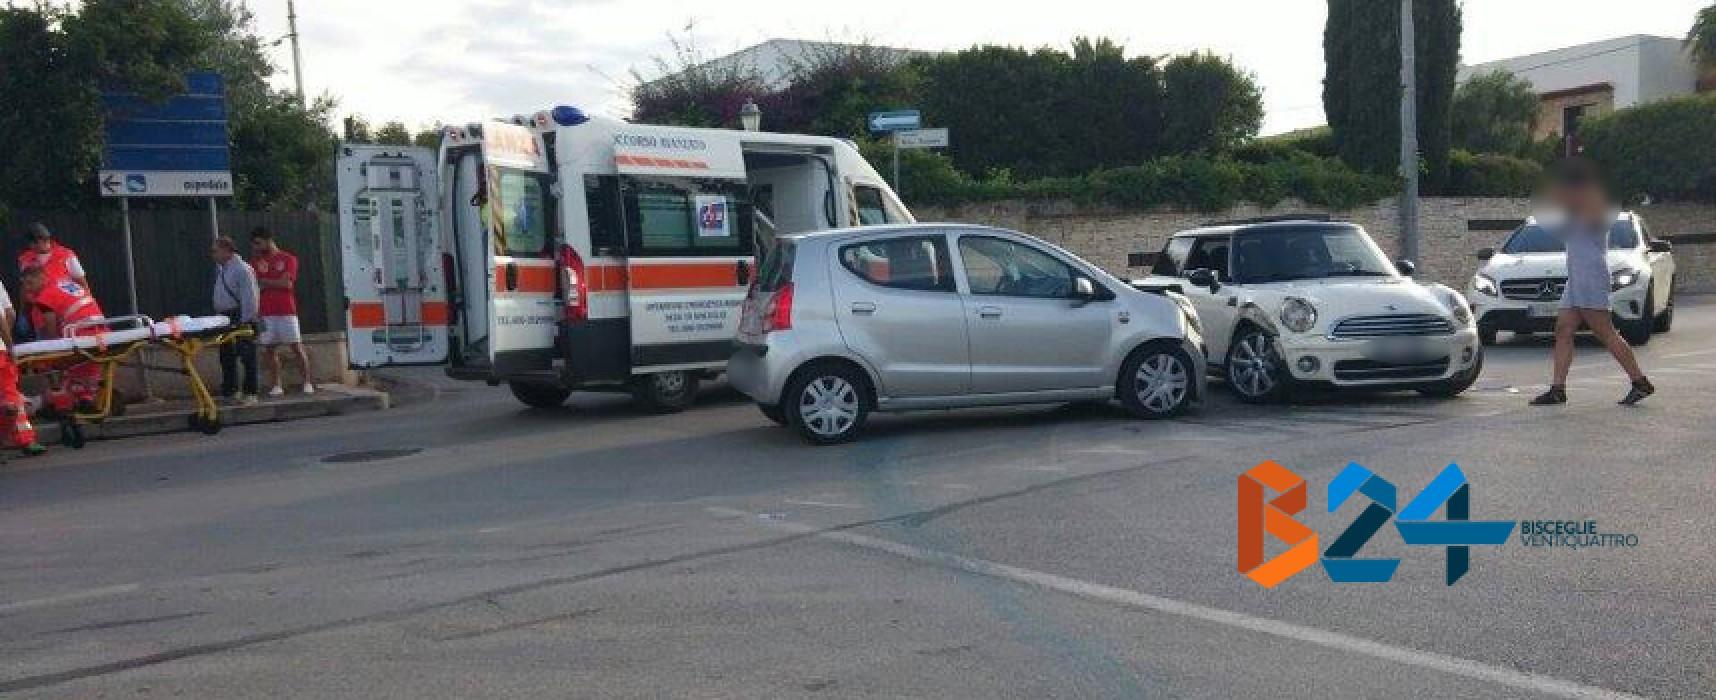 Scontro fra due auto in via Luigi Di Molfetta, ferita donna biscegliese